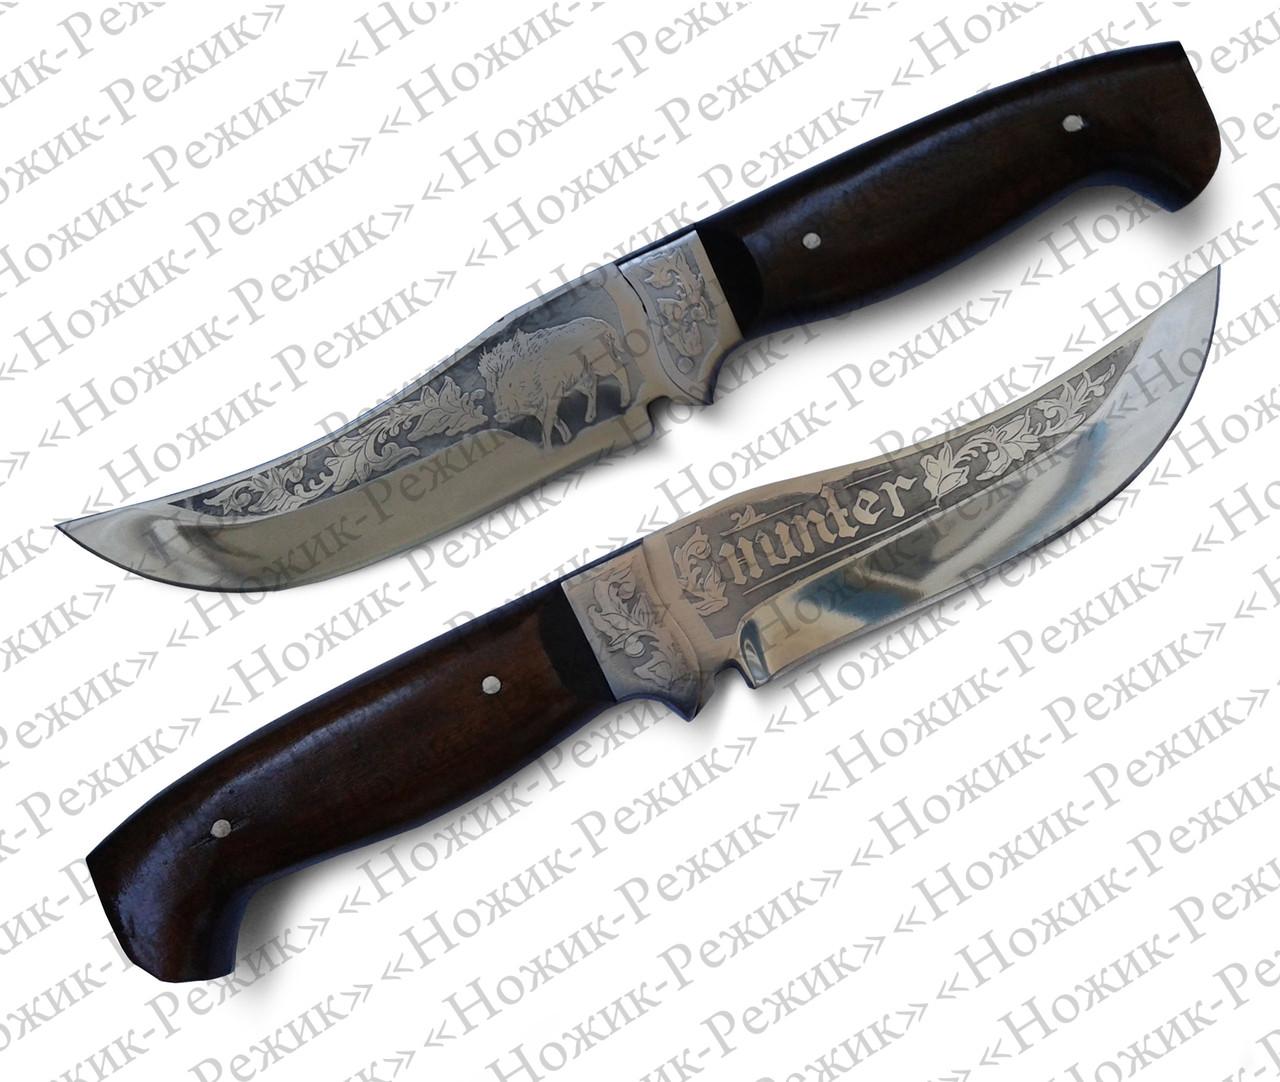 Ніж туристичний, мисливський ніж, рибацький ніж, ніж АТО, тактичний ніж, бойовий ніж